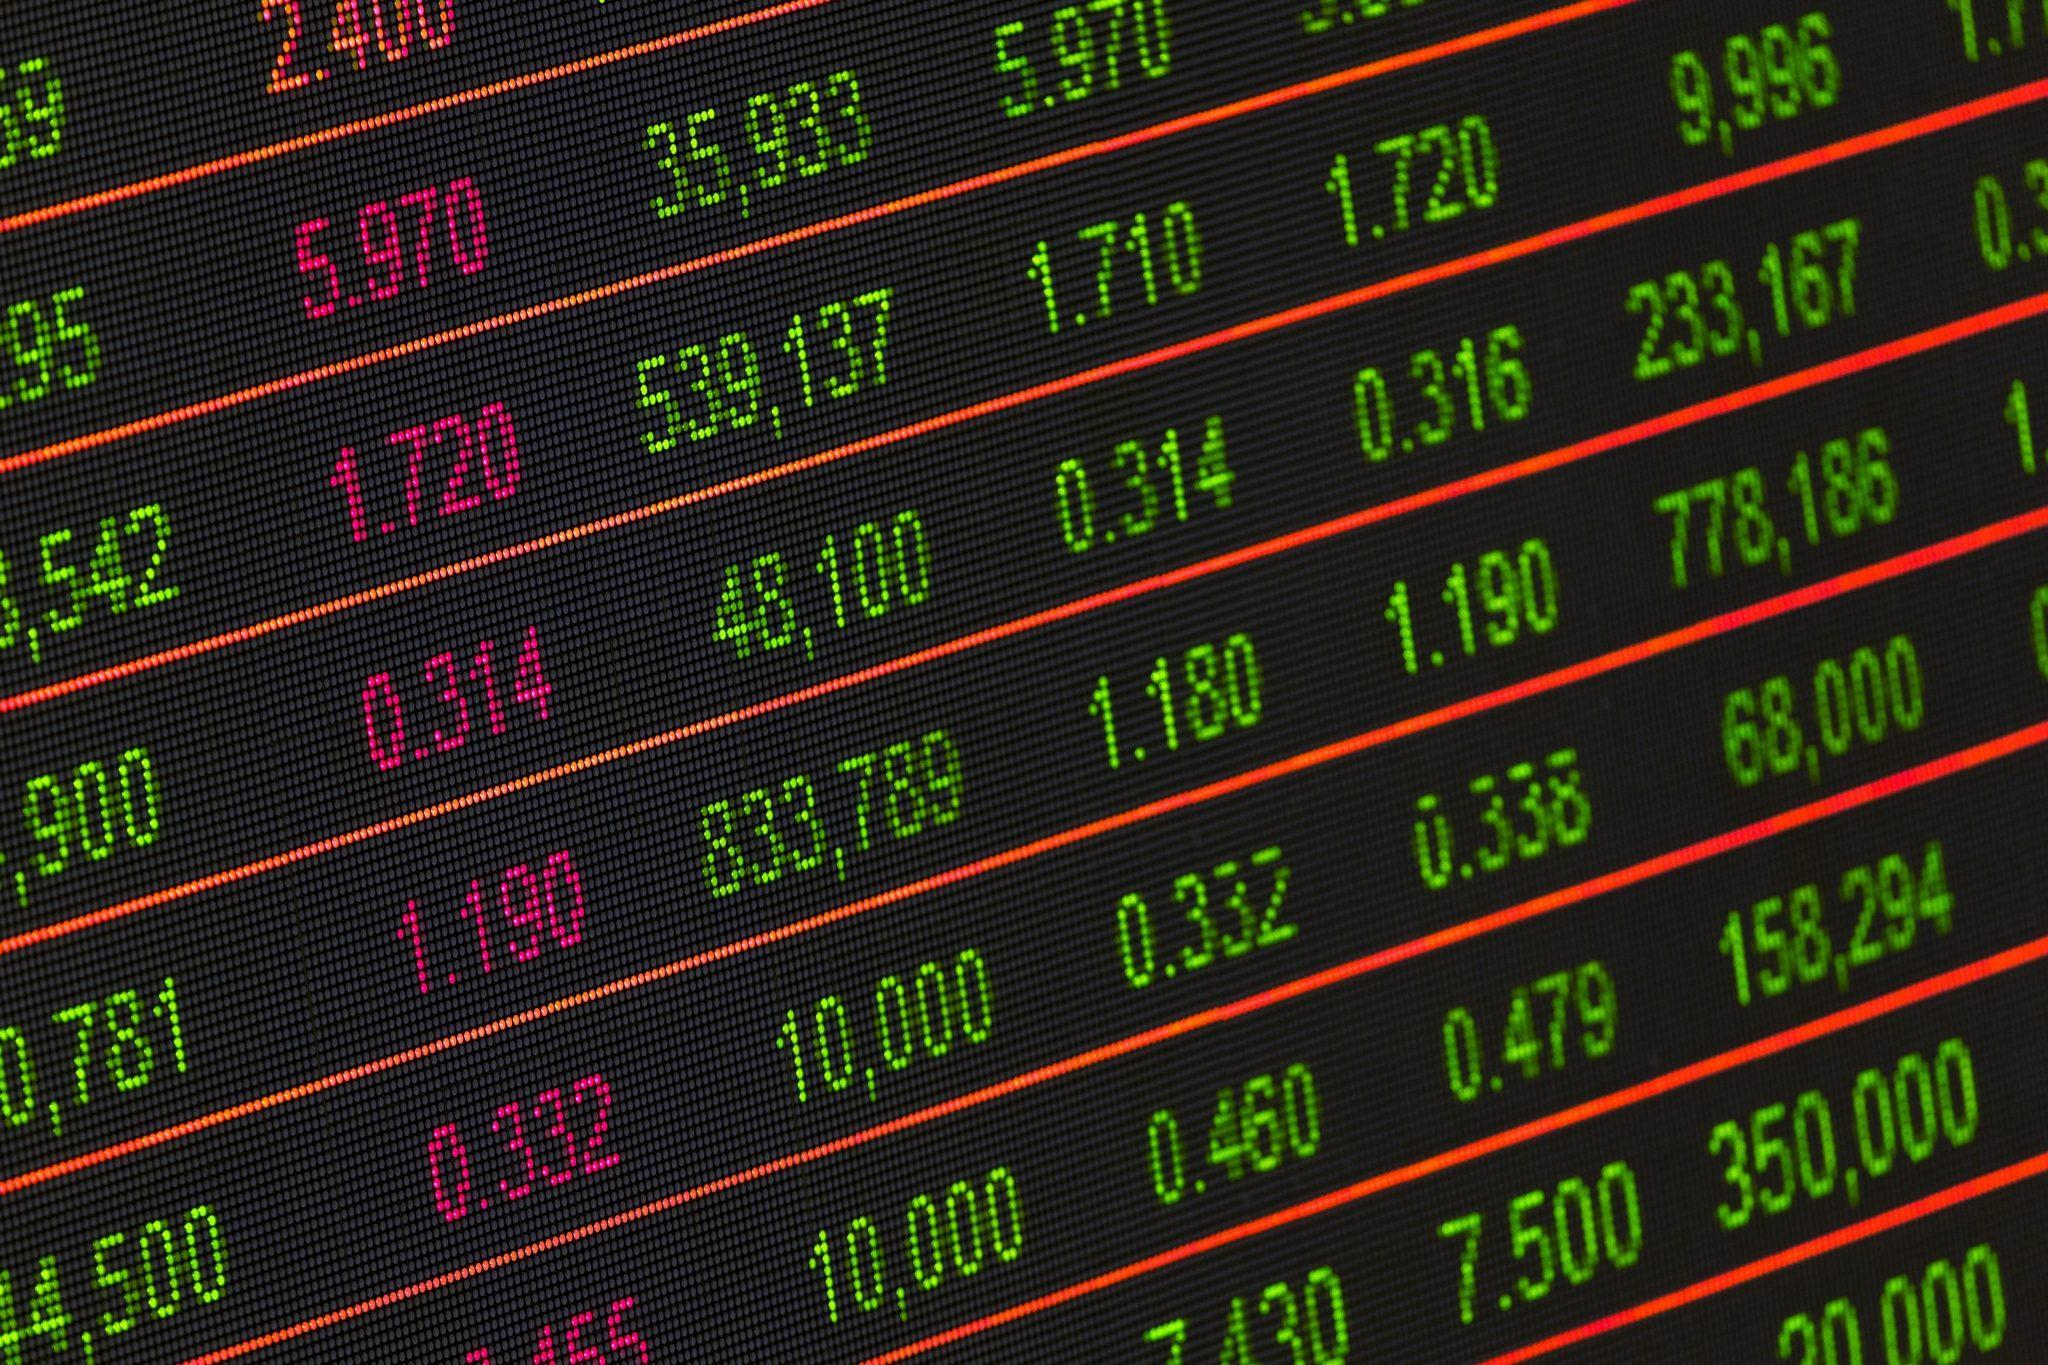 bináris opciók kereskedési feltételei